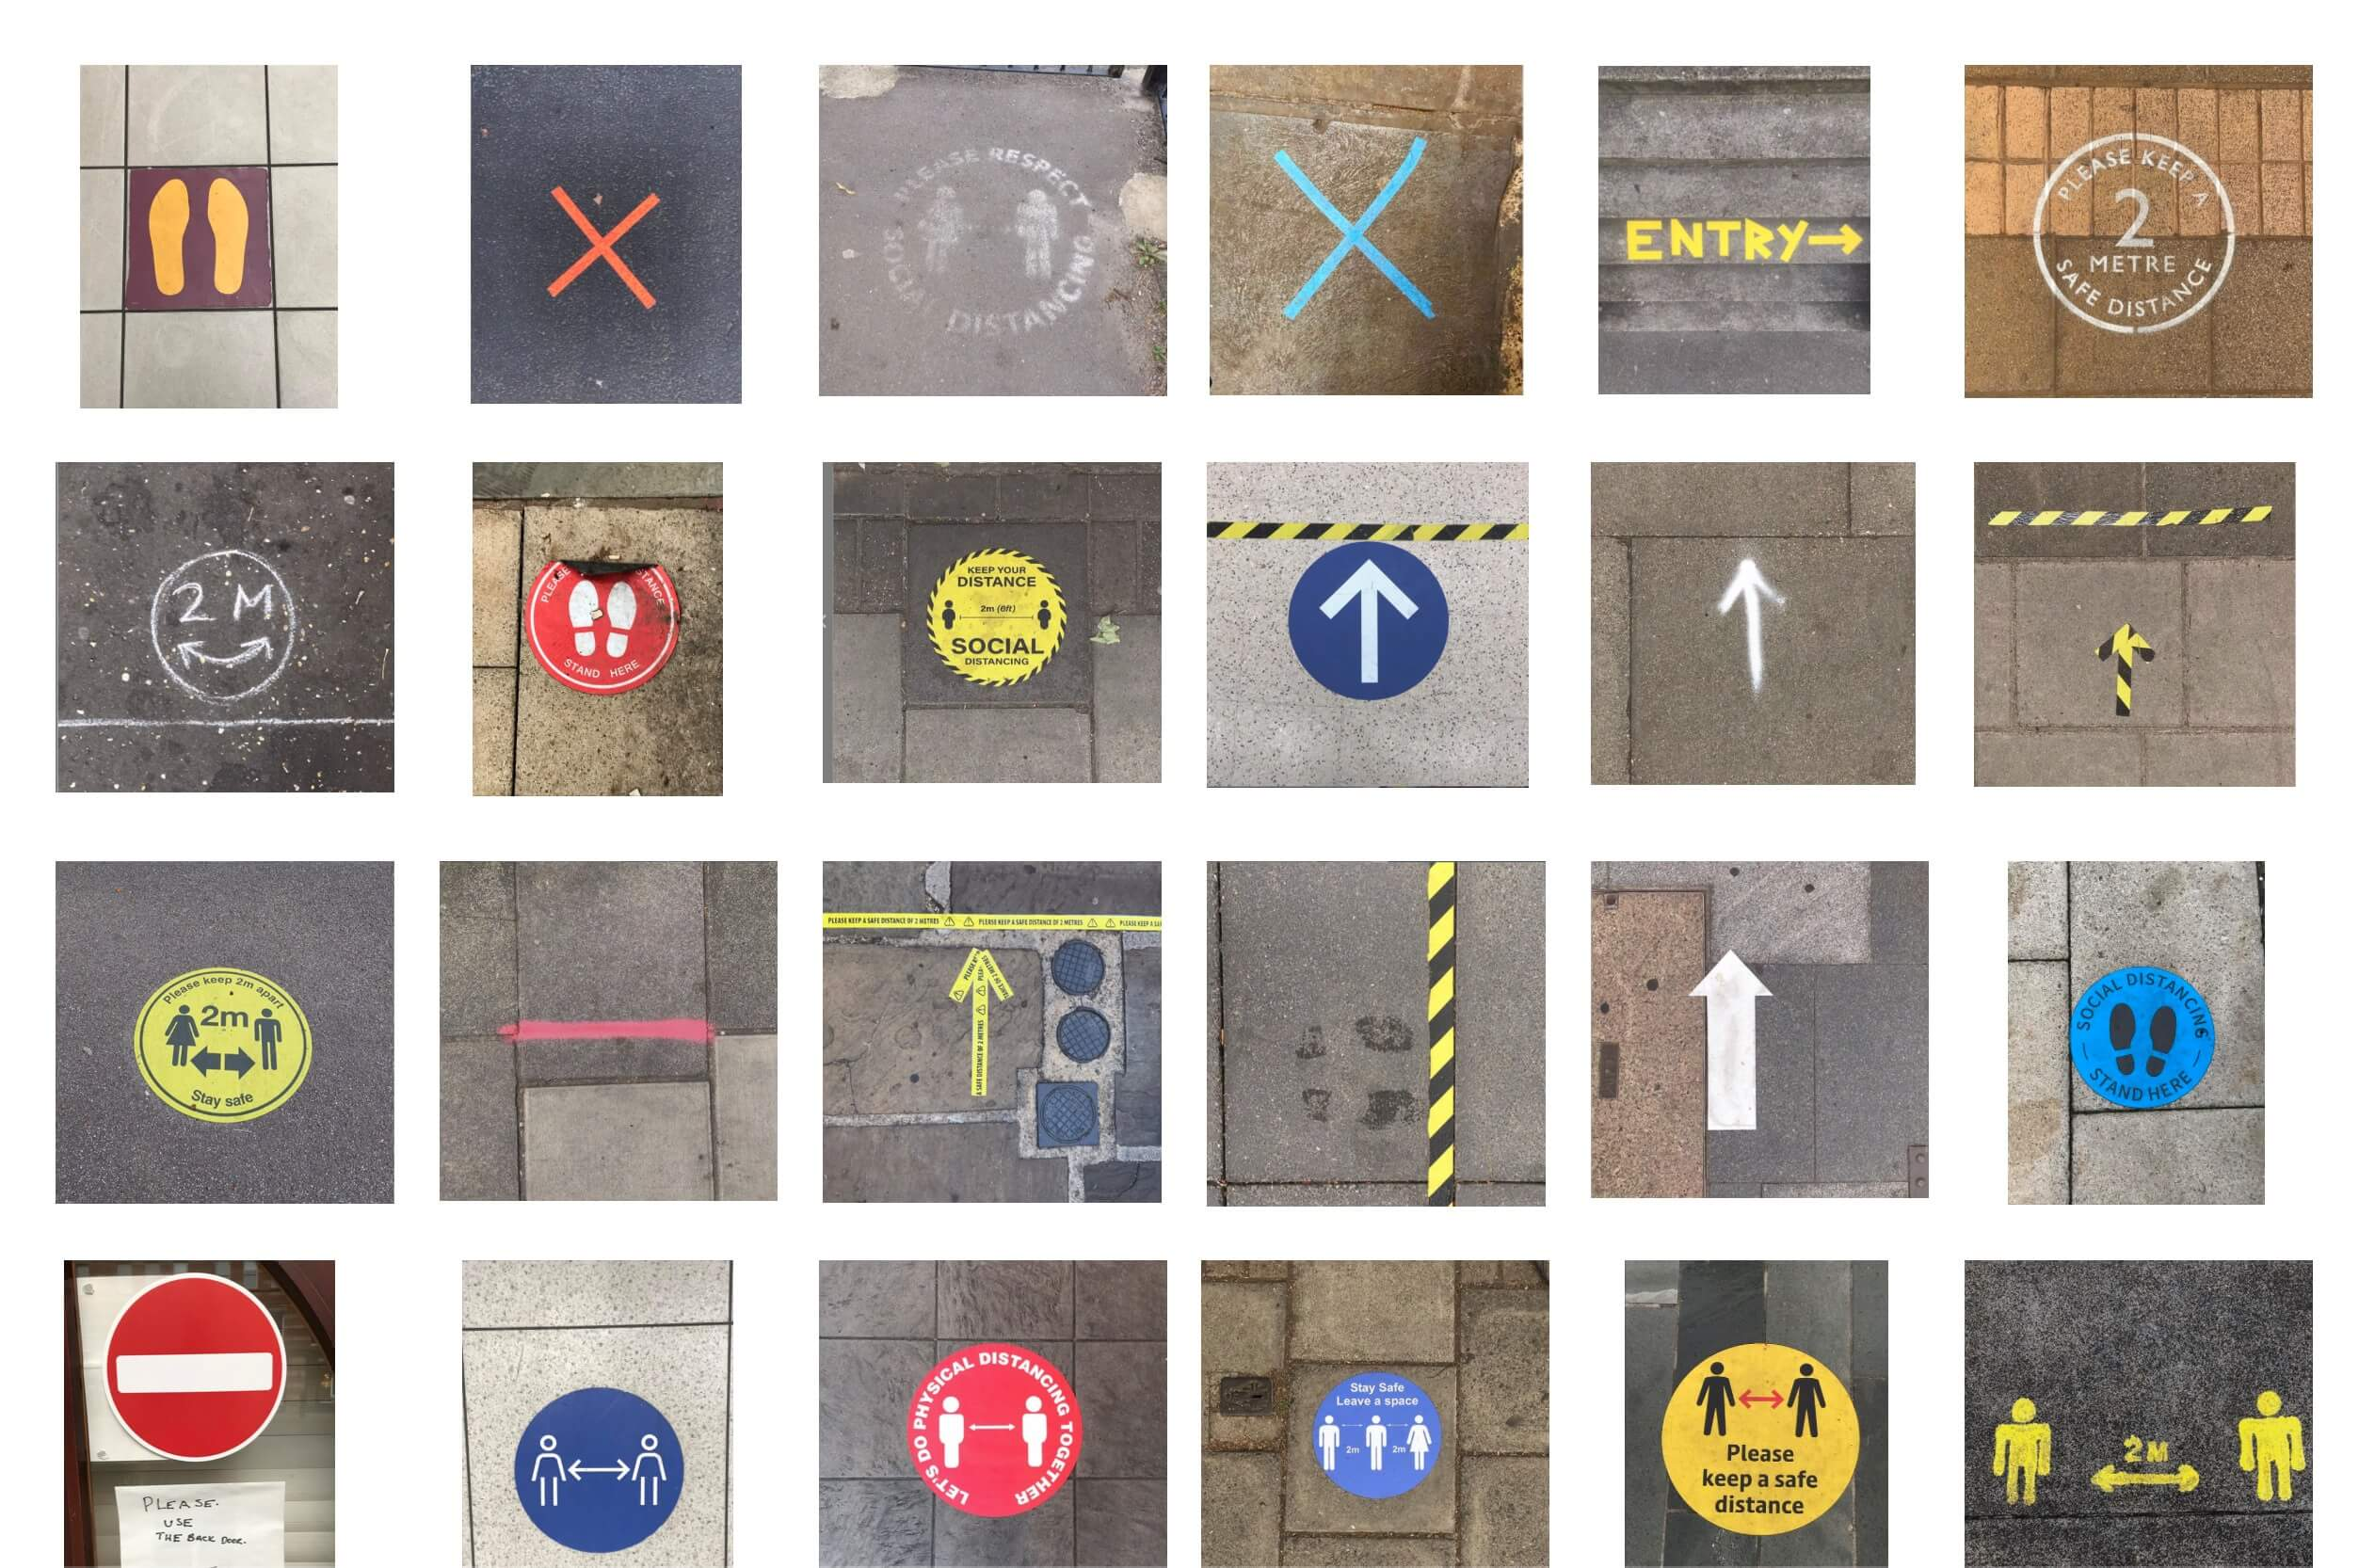 Archiv: Covid Abstandsschilder aus Großbritannien